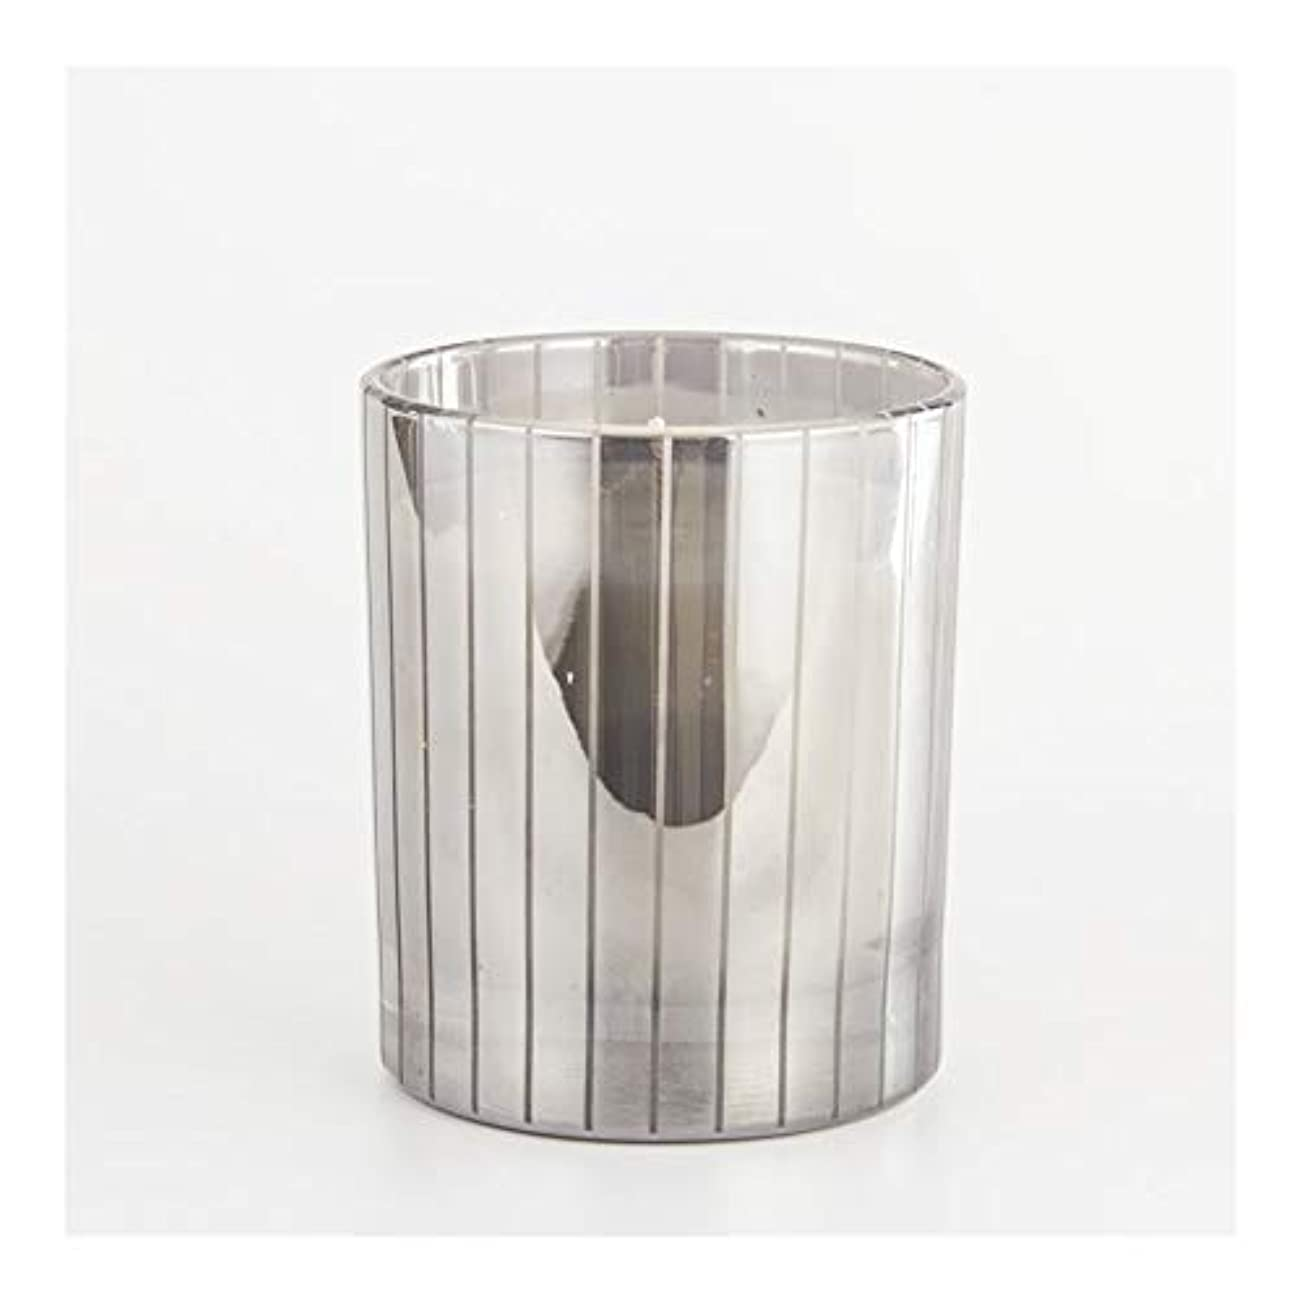 放出妻省ACAO シルバーストライプカップキャンドルカップワックスワックスアロマセラピーキャンドルガラスワックスカップ